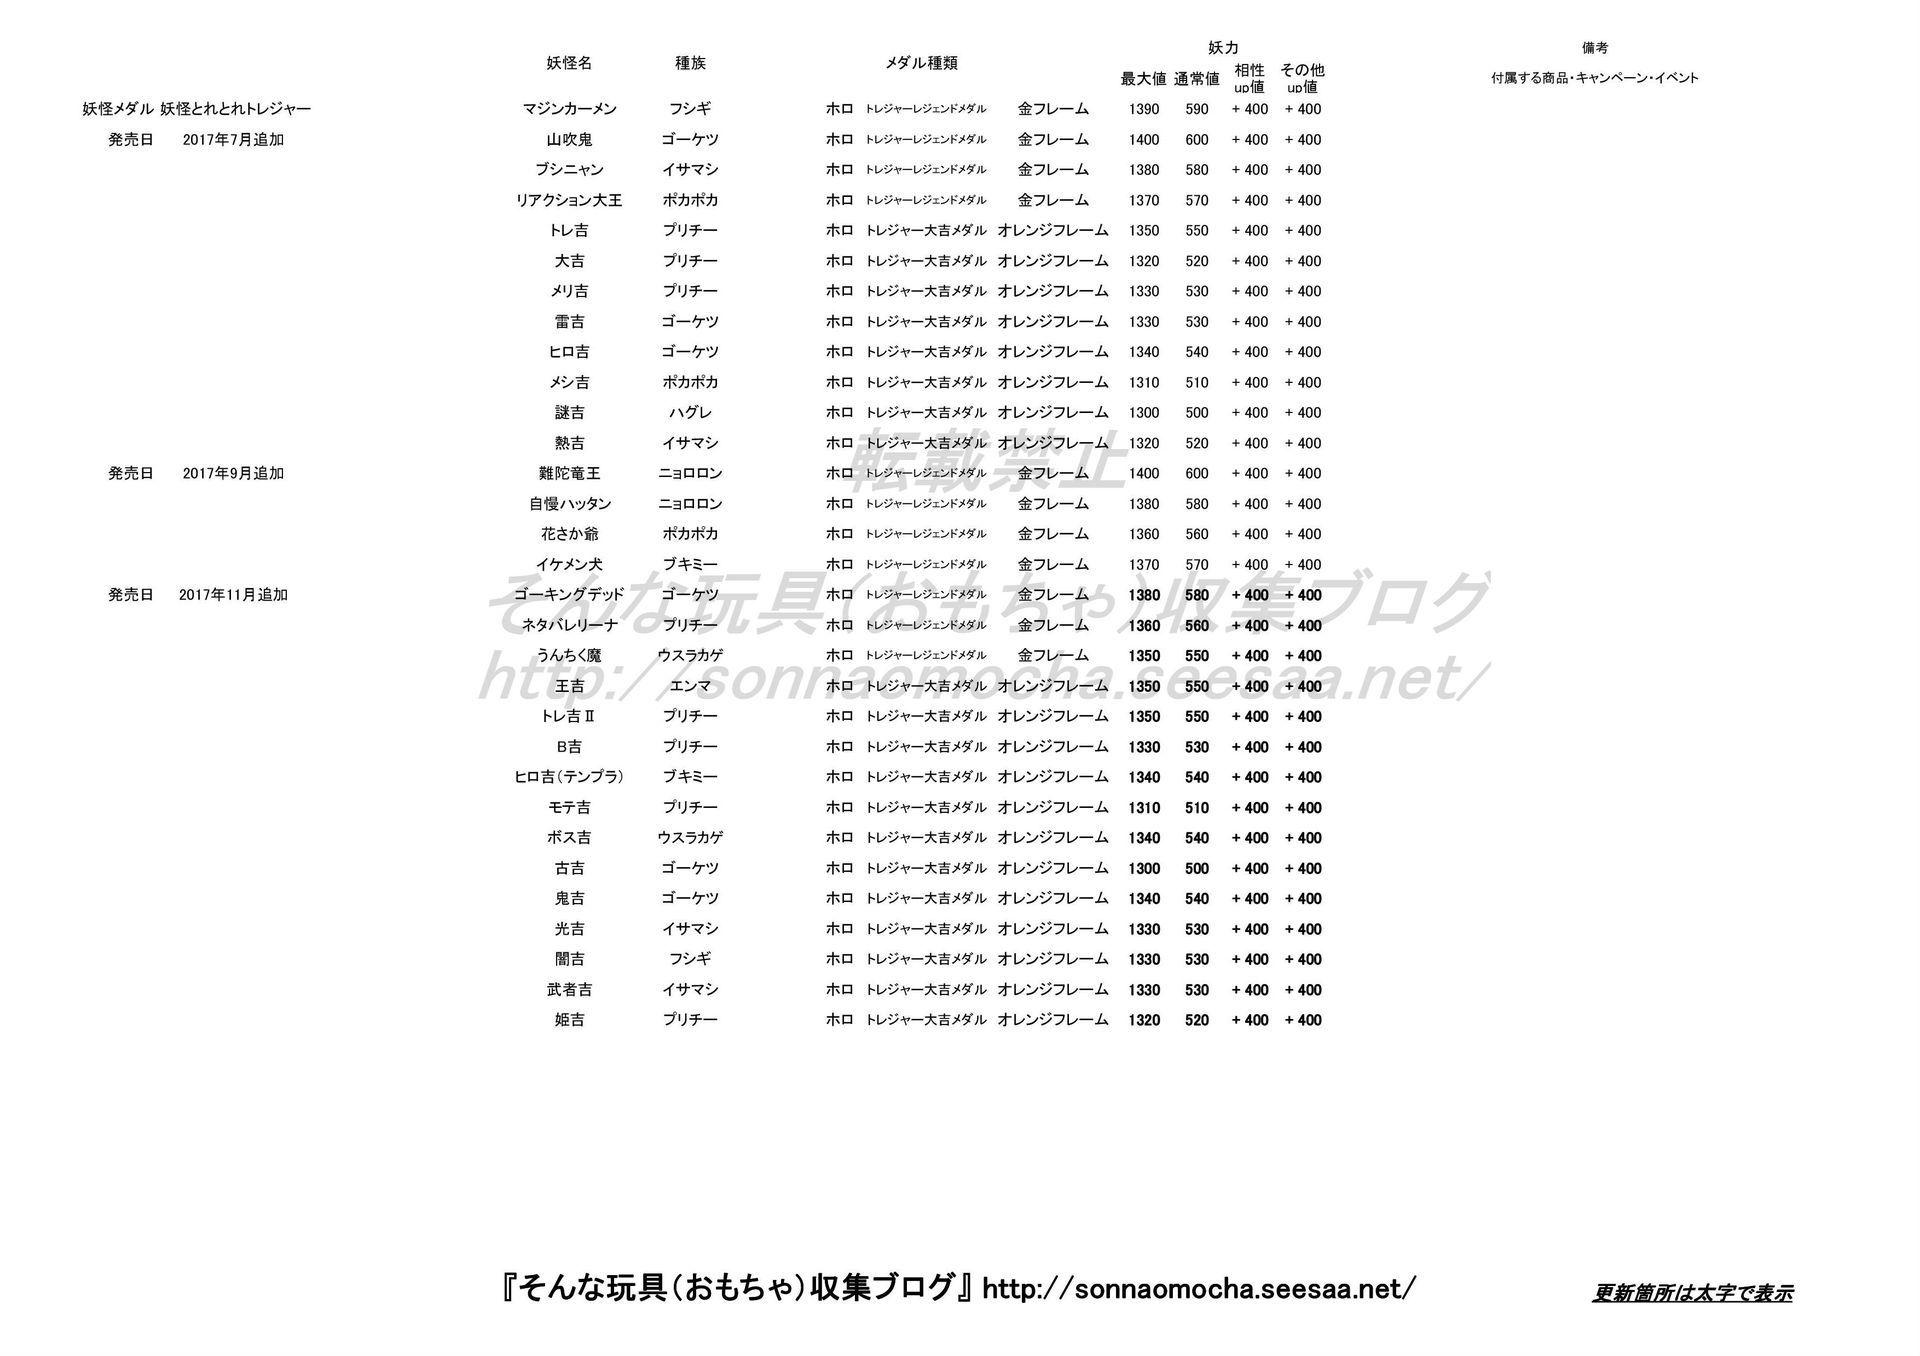 妖怪文書一覧 - JapaneseClass.jp